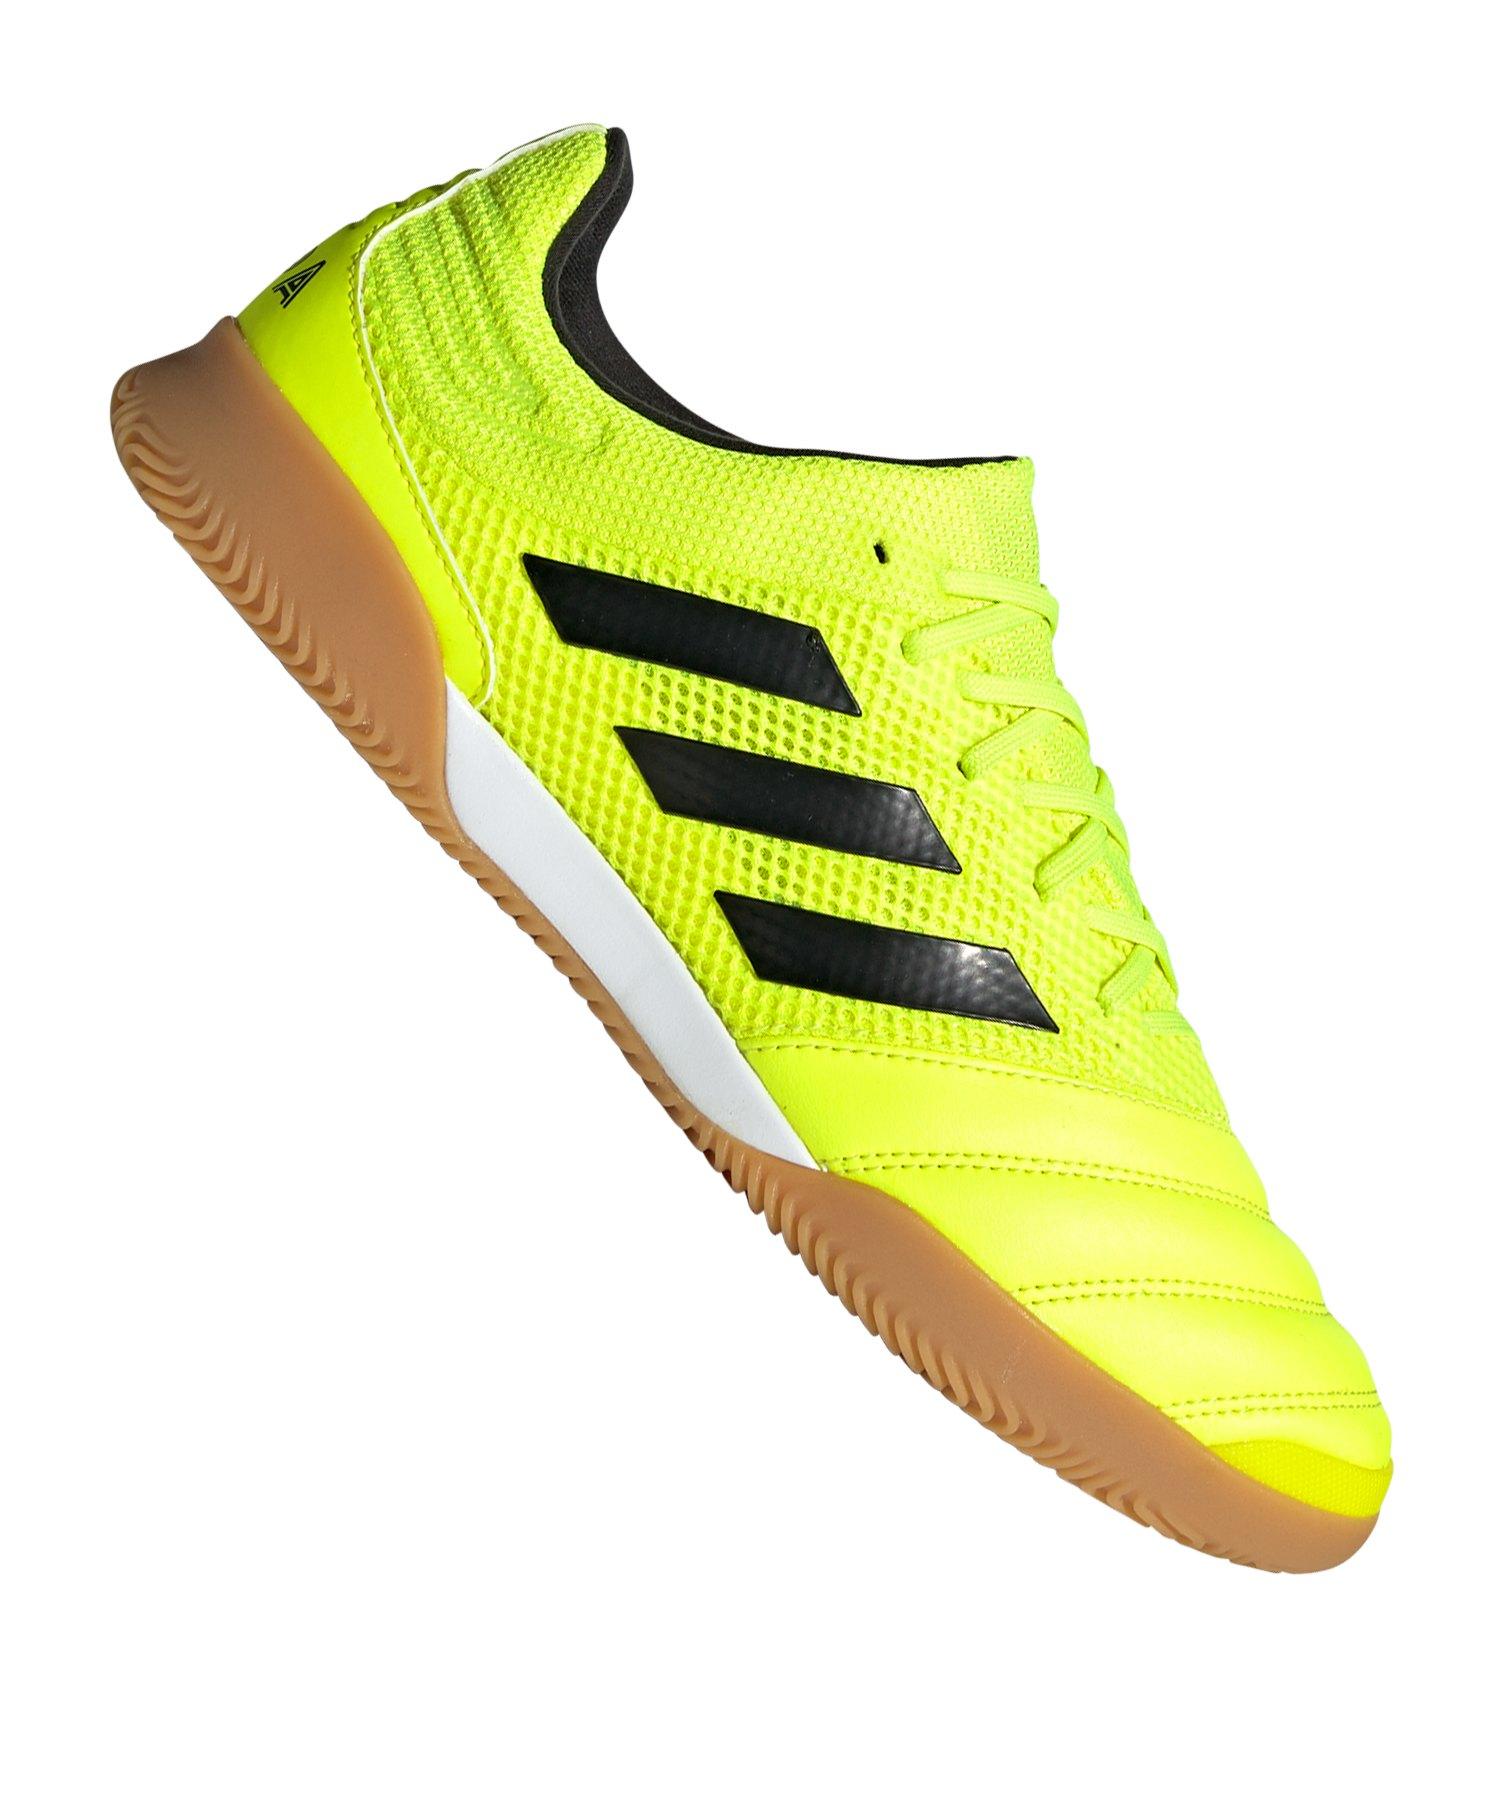 adidas COPA 19.3 IN Sala Gelb - gelb